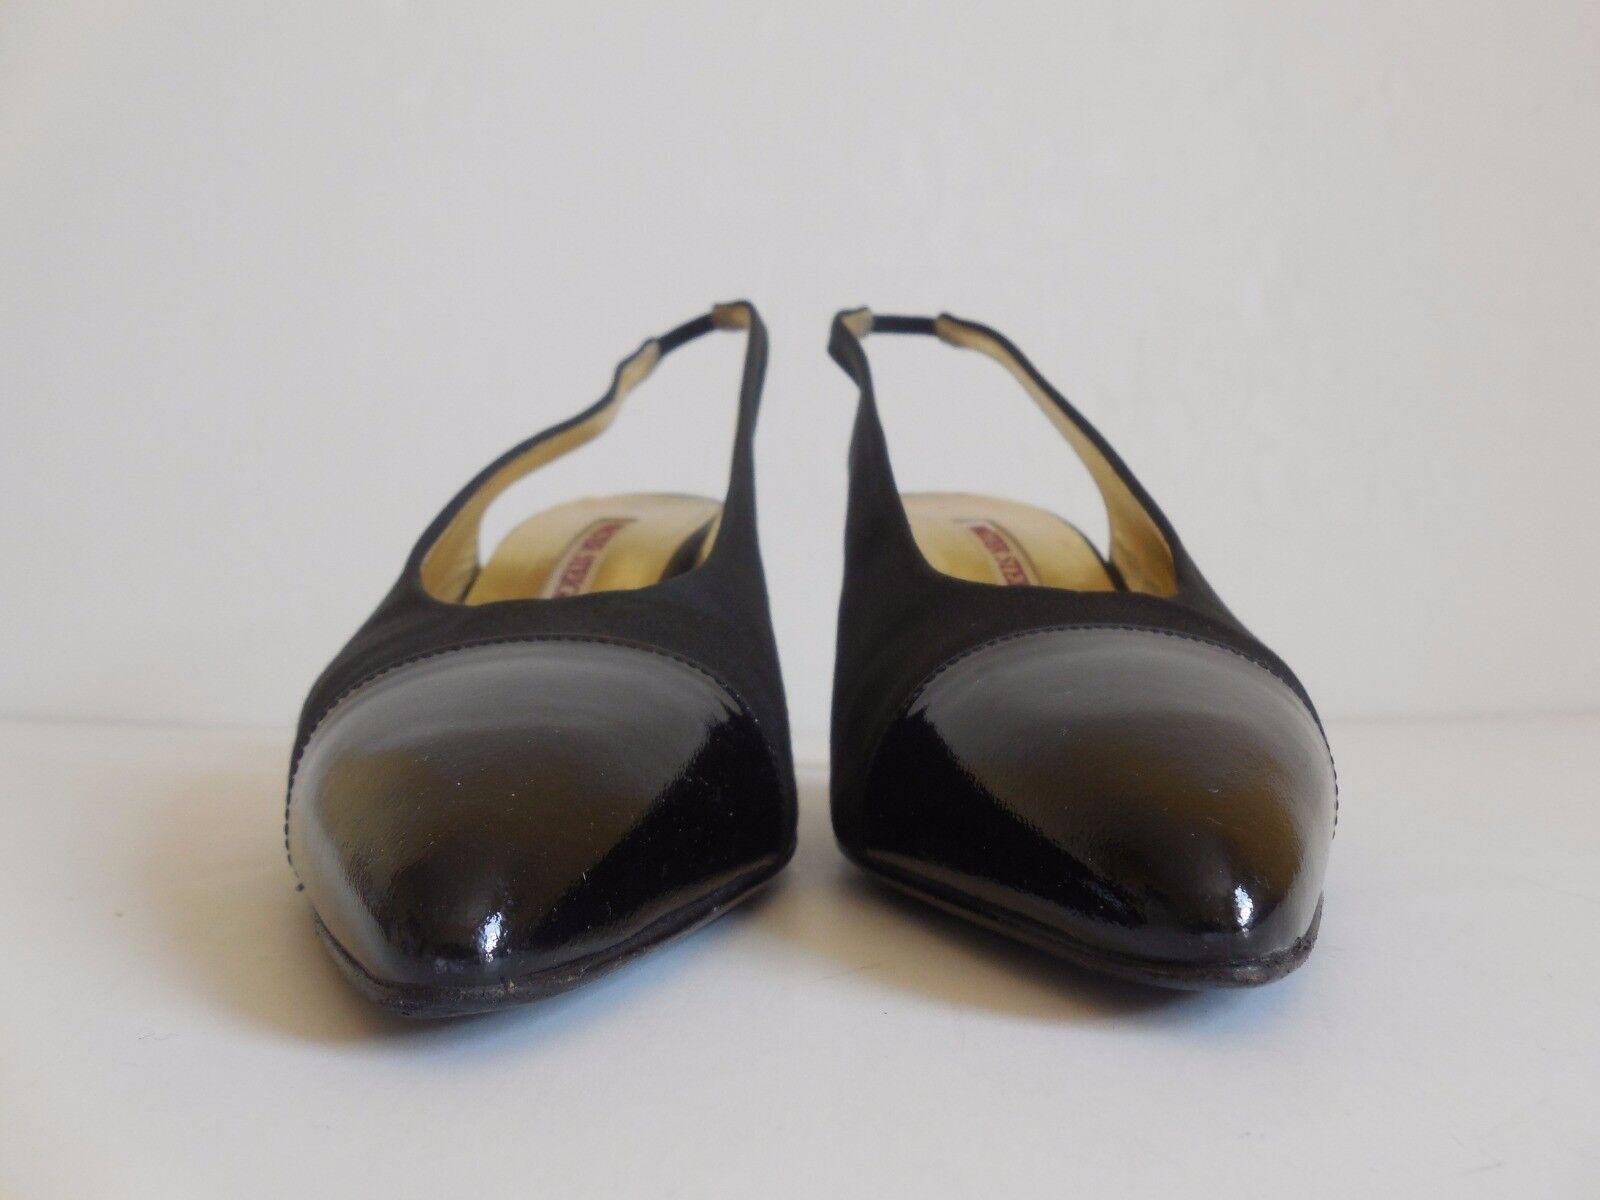 Walter Steiger in Pointed-Toe Slingback schuhe Größe 9AA Made in Steiger  f49957